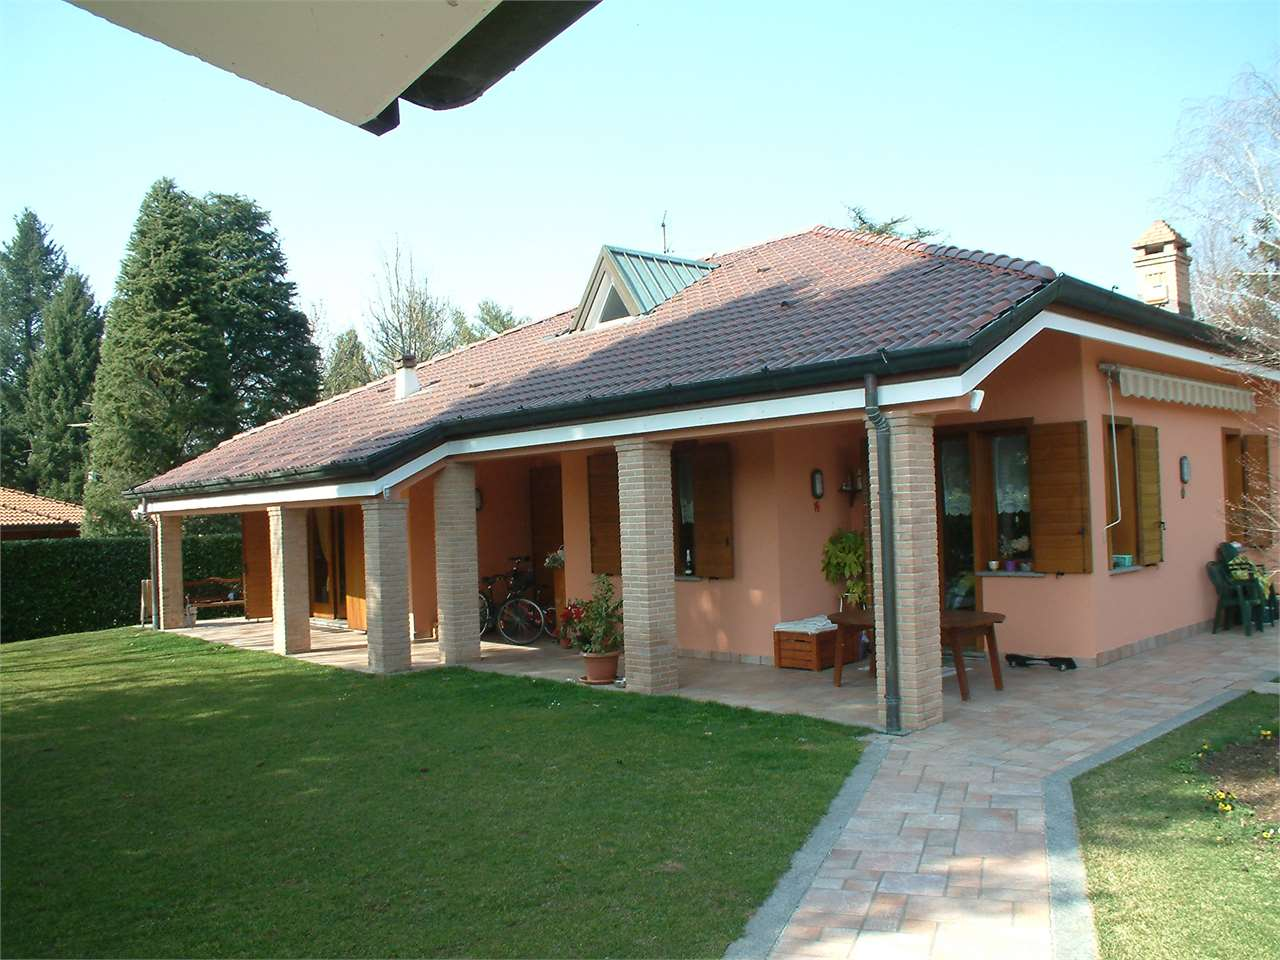 Villa in vendita a Guanzate, 9999 locali, prezzo € 660.000 | CambioCasa.it